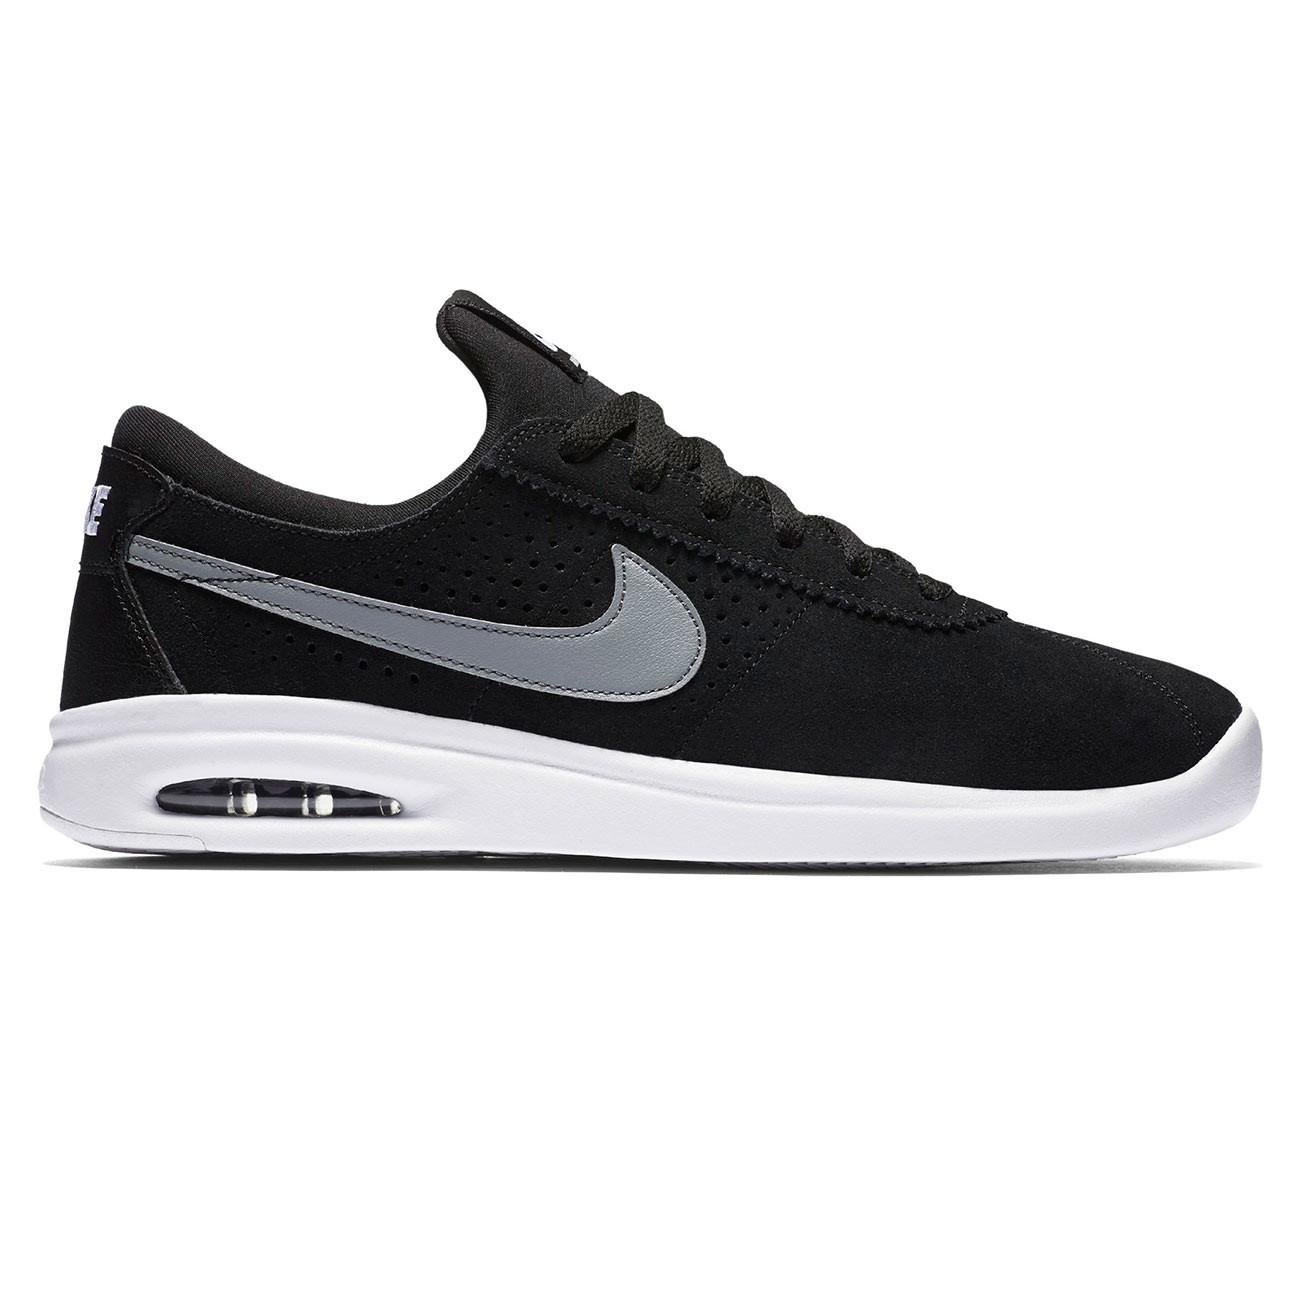 Sneakers Nike SB Air Max Bruin Vapor